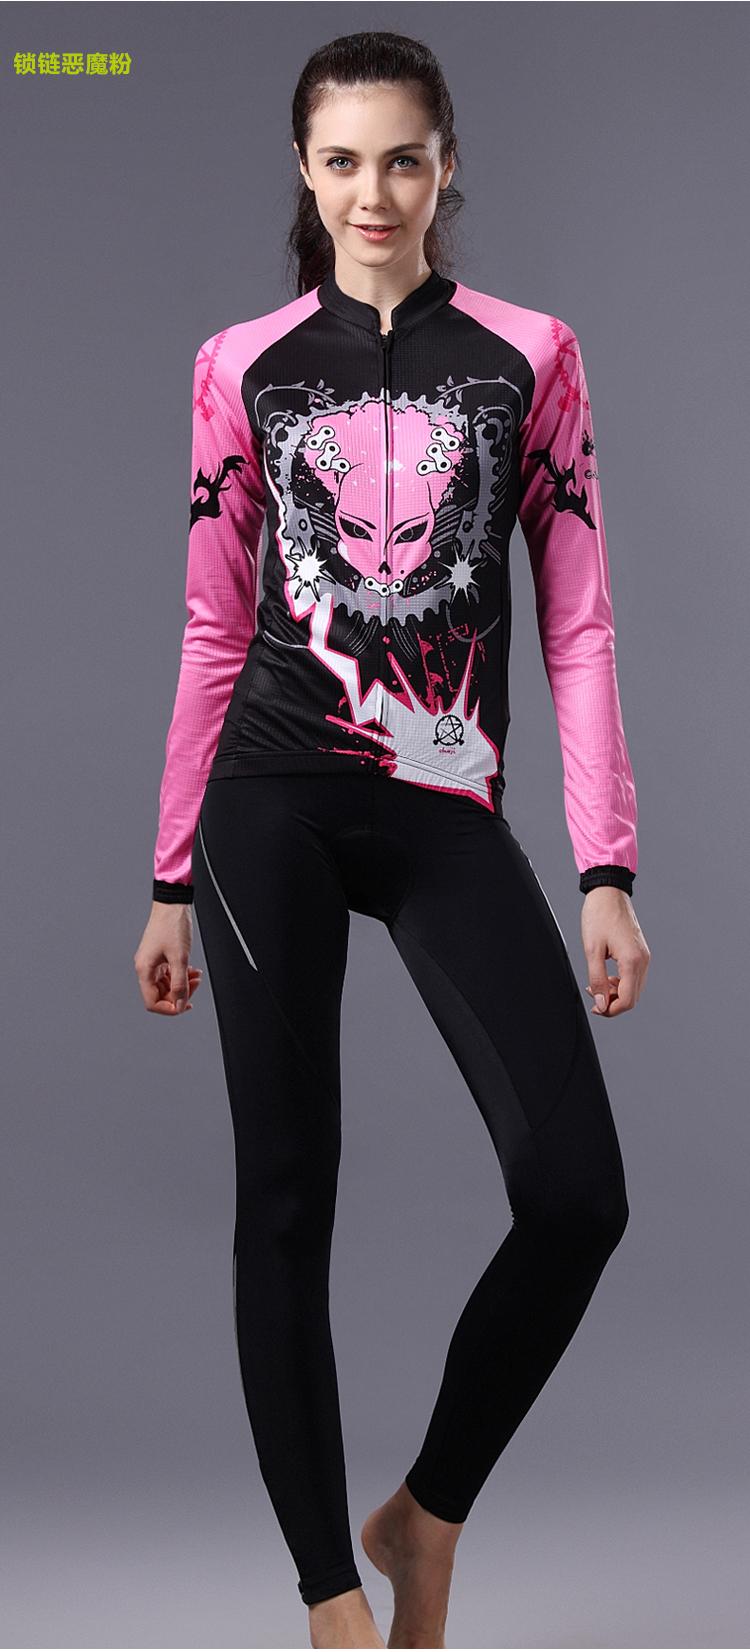 **สินค้าพรีออเดอร์**ชุดปั่นจักรยาน ผู้หญิง(เสื้อปั่นจักรยานแขนยาว+กางเกงปั่นจักรยานแขนยาว)